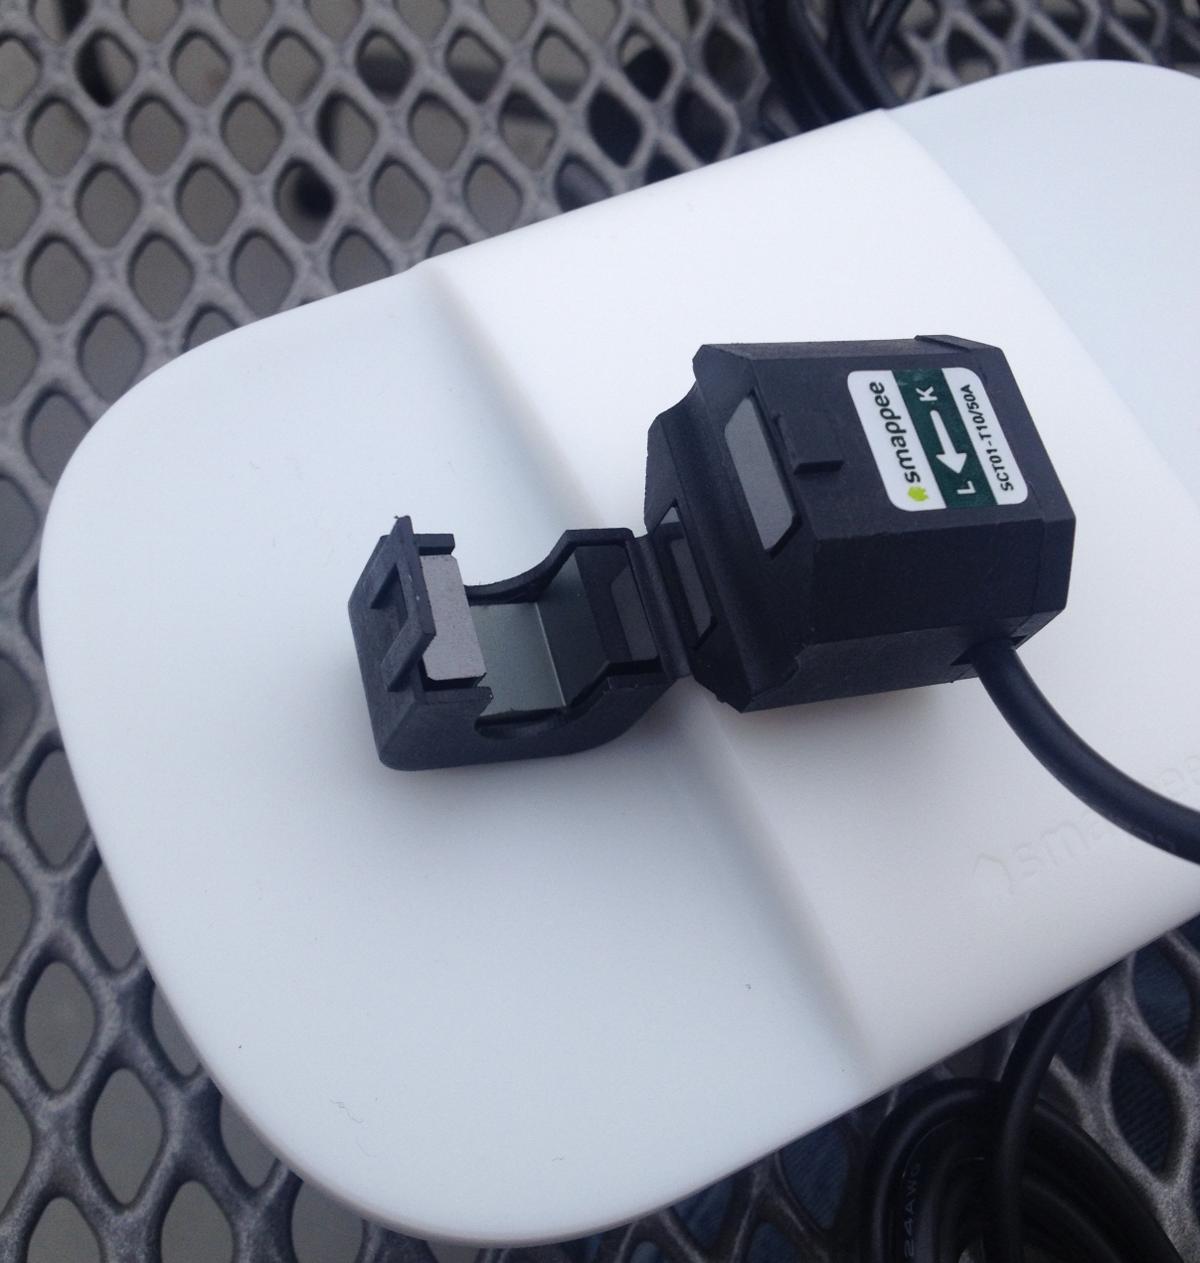 Smappee Energiemanager - Unboxing und erste Eindrücke 1